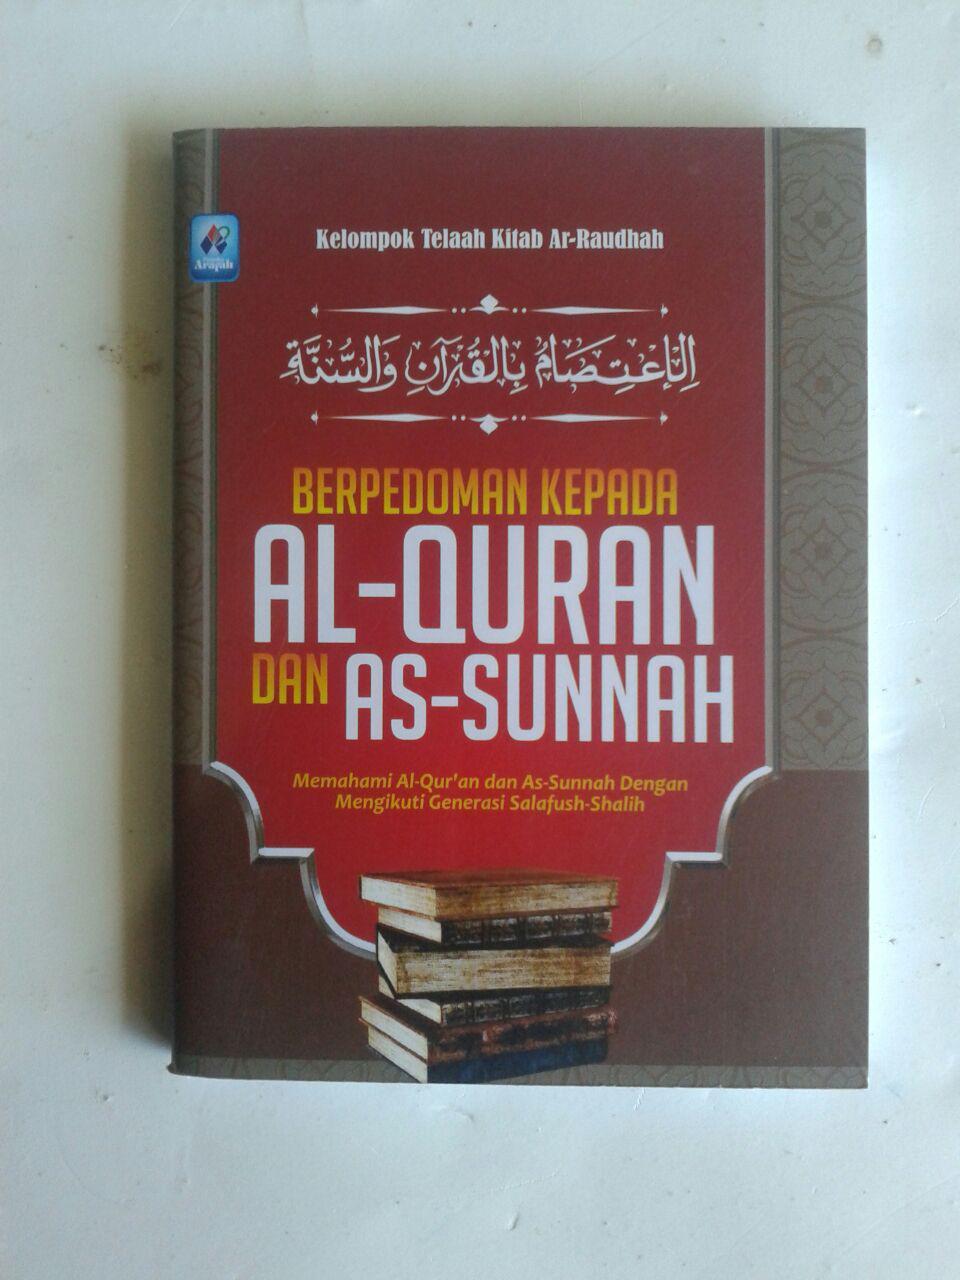 Buku Saku Berpedoman Kepada Al-Quran Dan As-Sunnah cover 2